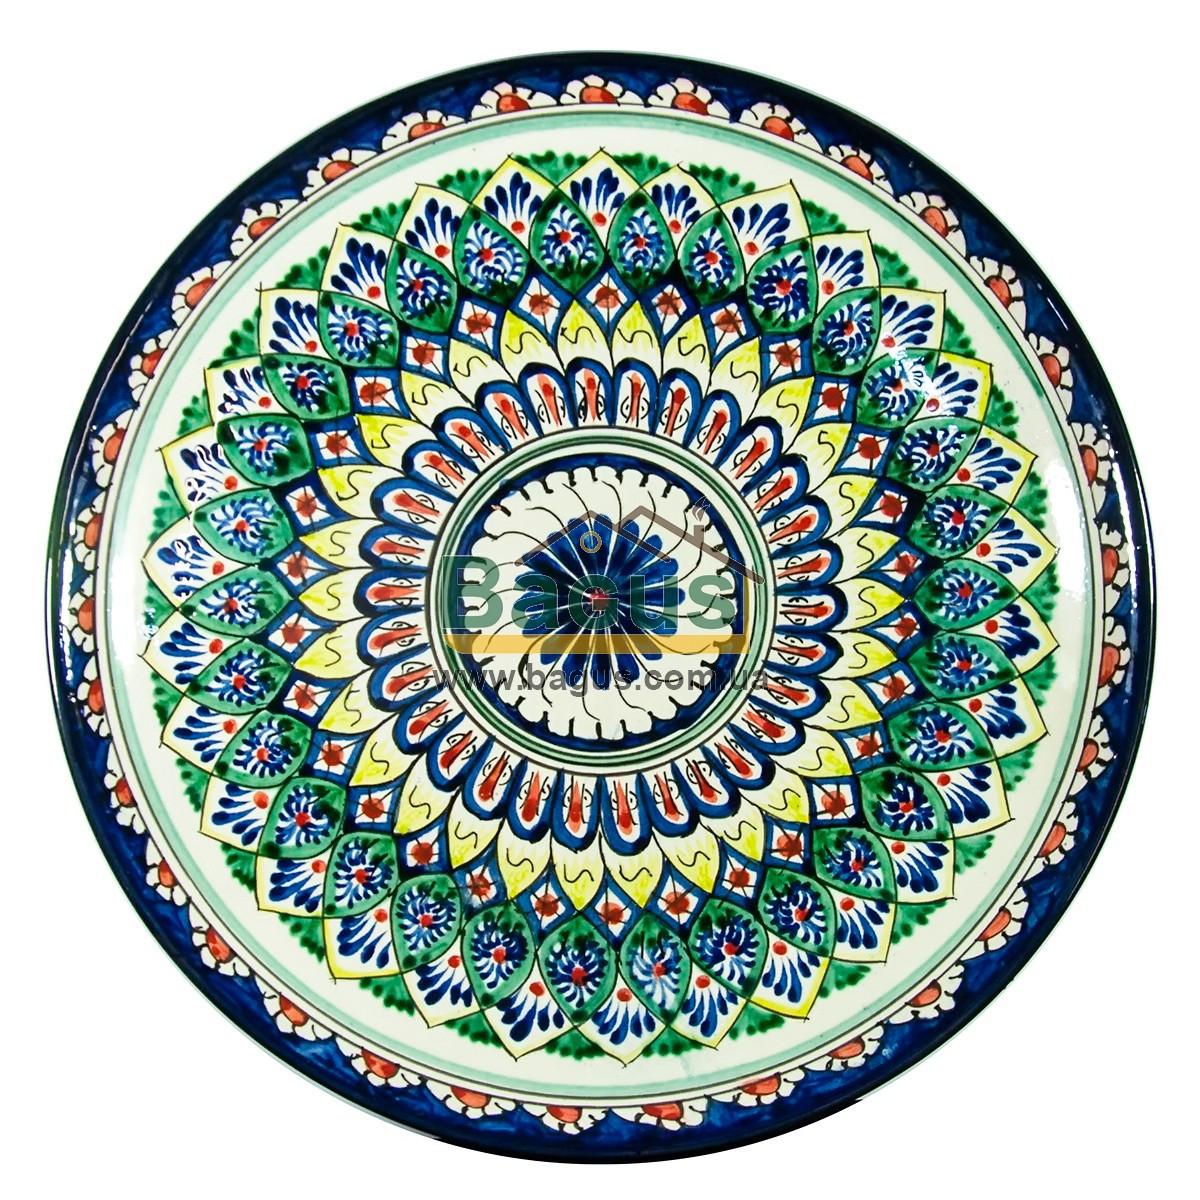 Ляган узбекский (тарелка узбекская) диаметр 32см ручная работа 3204-06